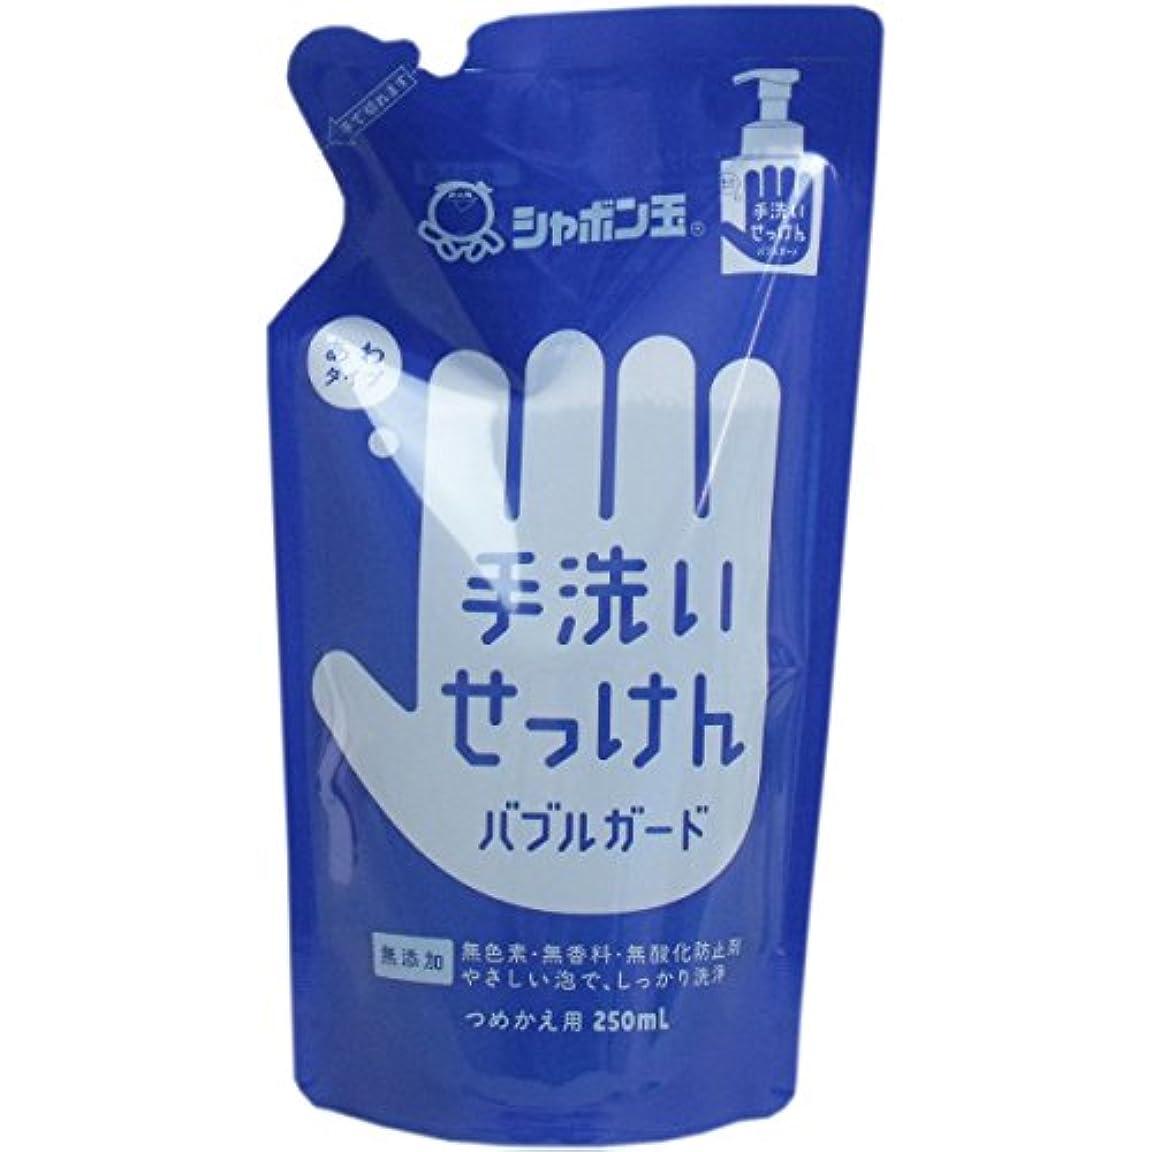 湿地静かにホイットニー[シャボン玉石けん 1602809] (ケア商品)手洗いせっけん バブルガード 泡タイプ つめかえ用 250ml